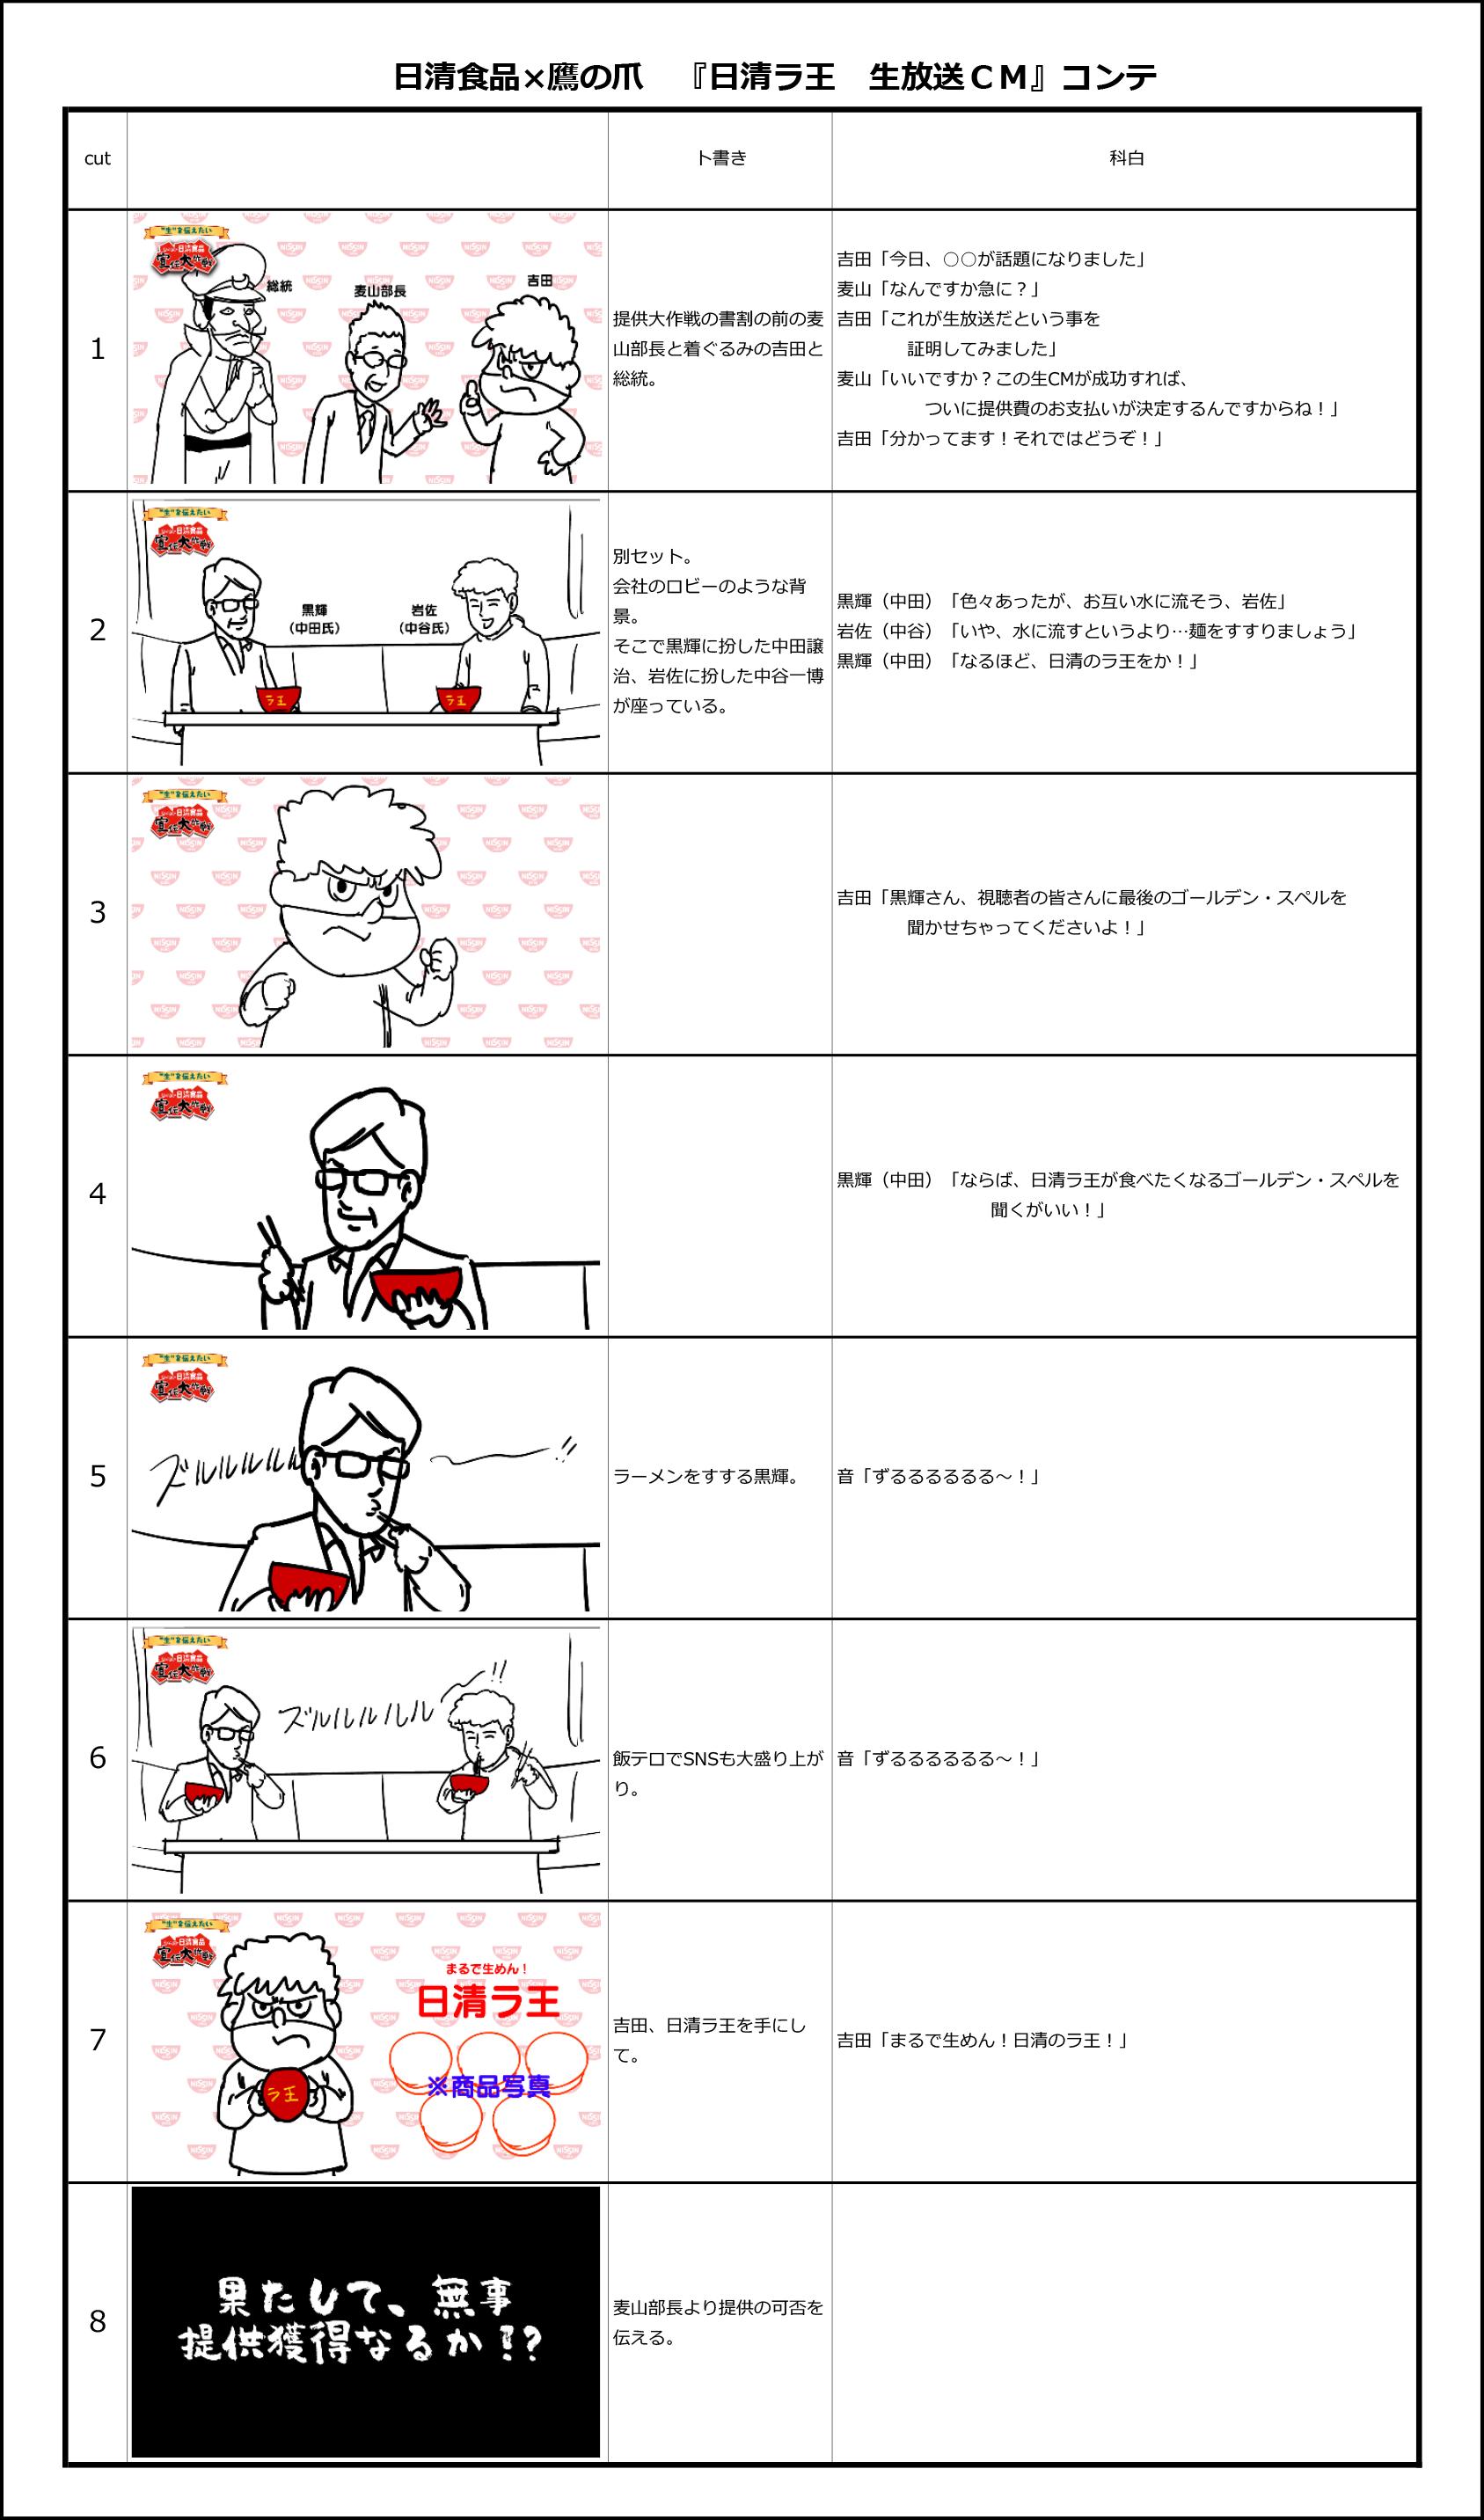 生CM告知用絵コンテ.png